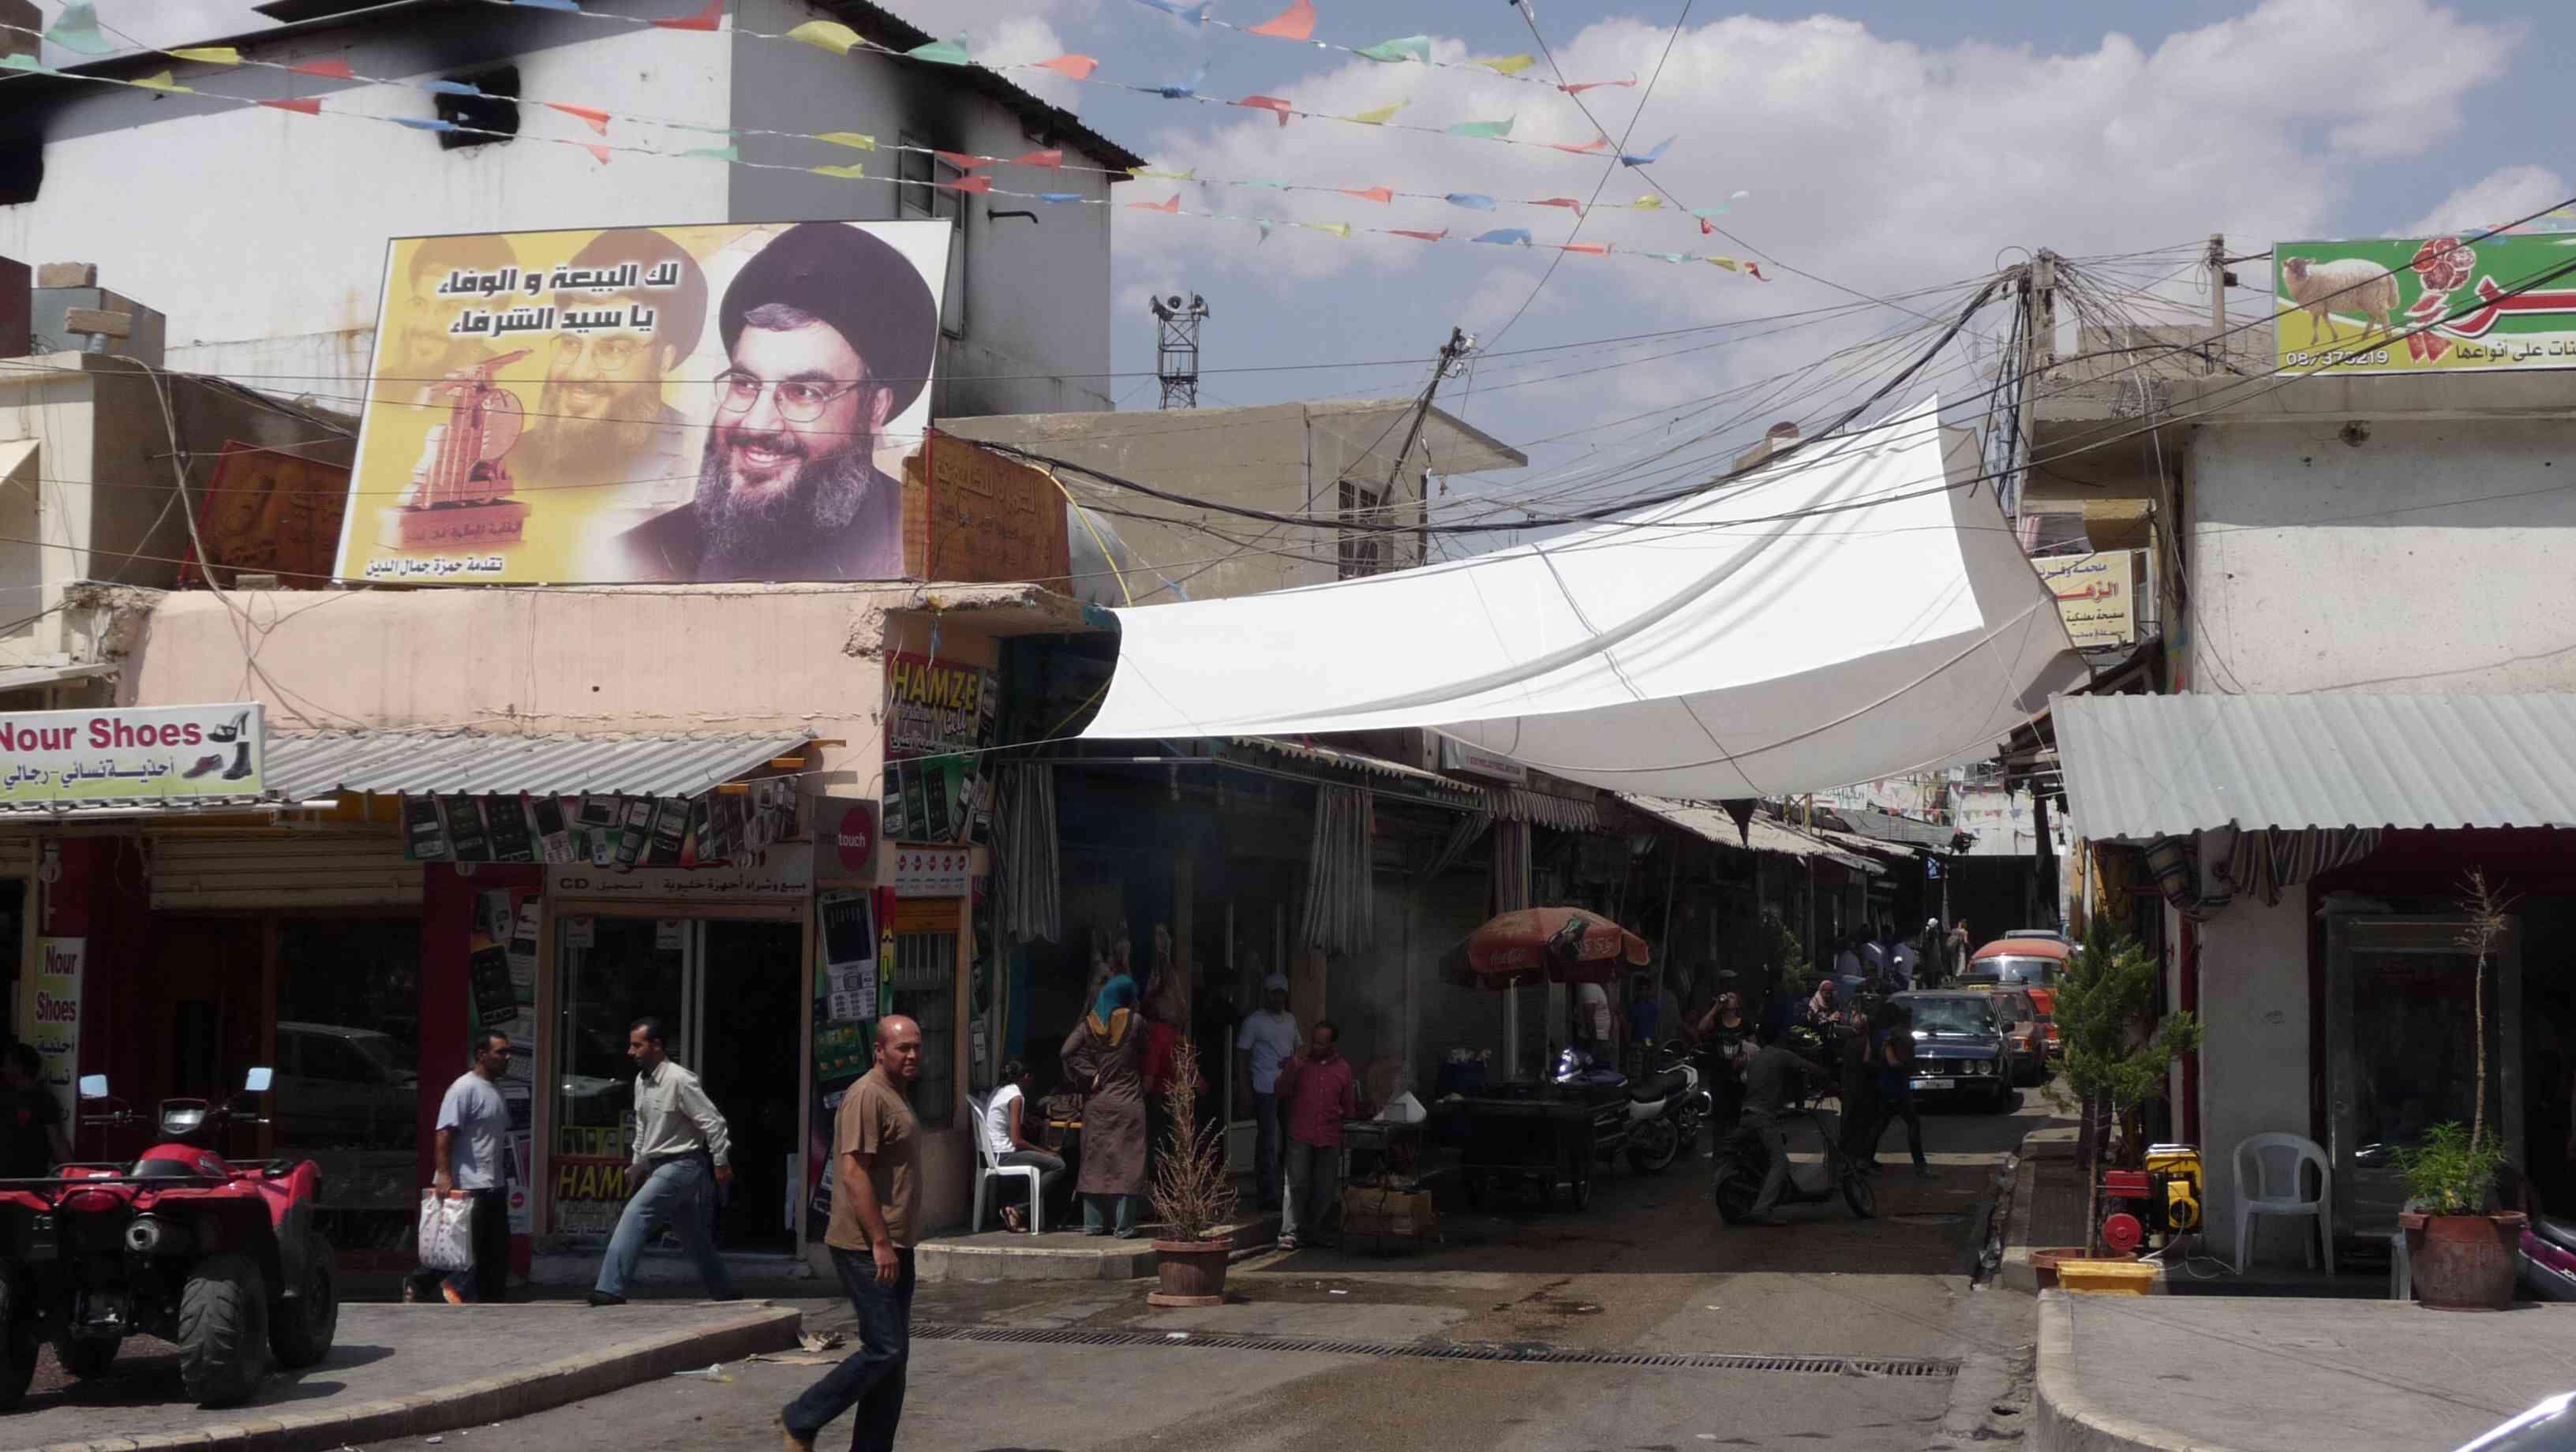 Una de las calles de Baalbek con el retrato del clérigo Hasan Nasralá, lider espiritual de Hezbolá